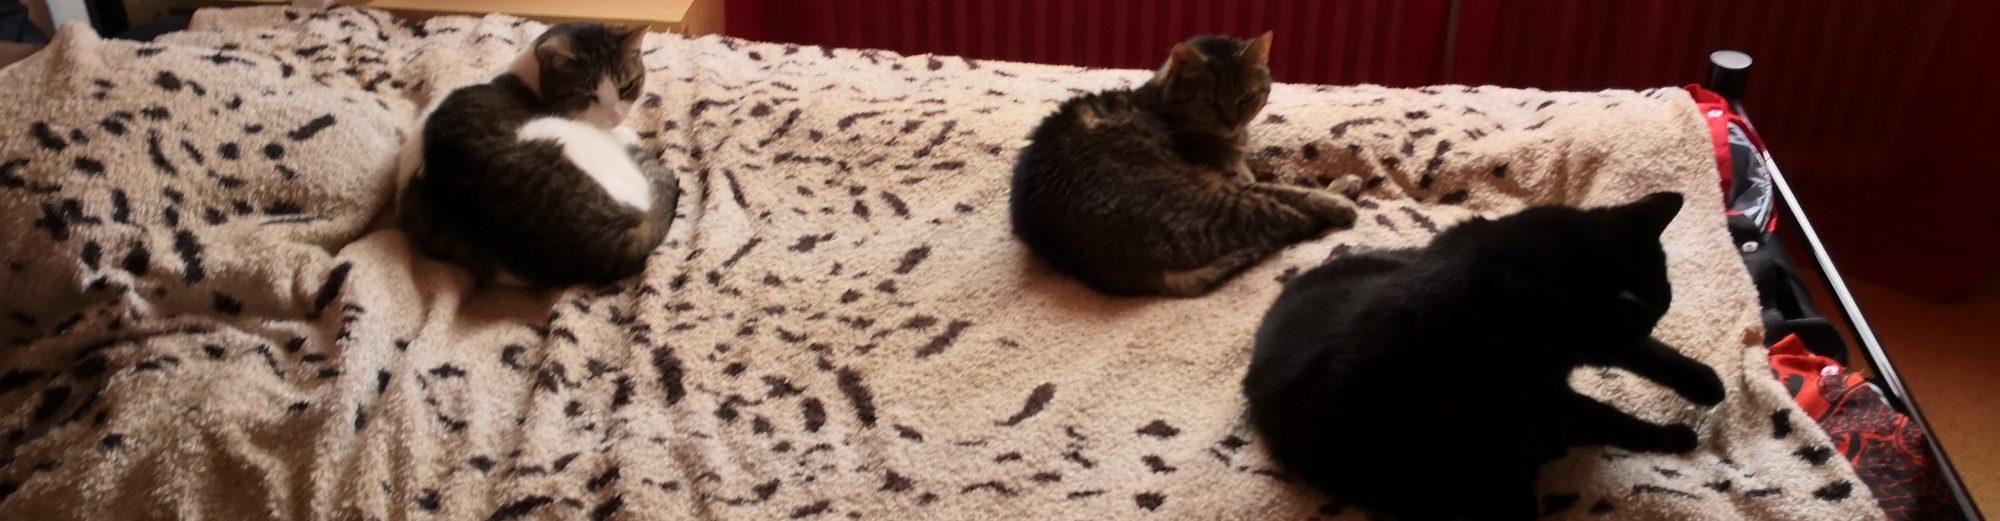 Katzenblog